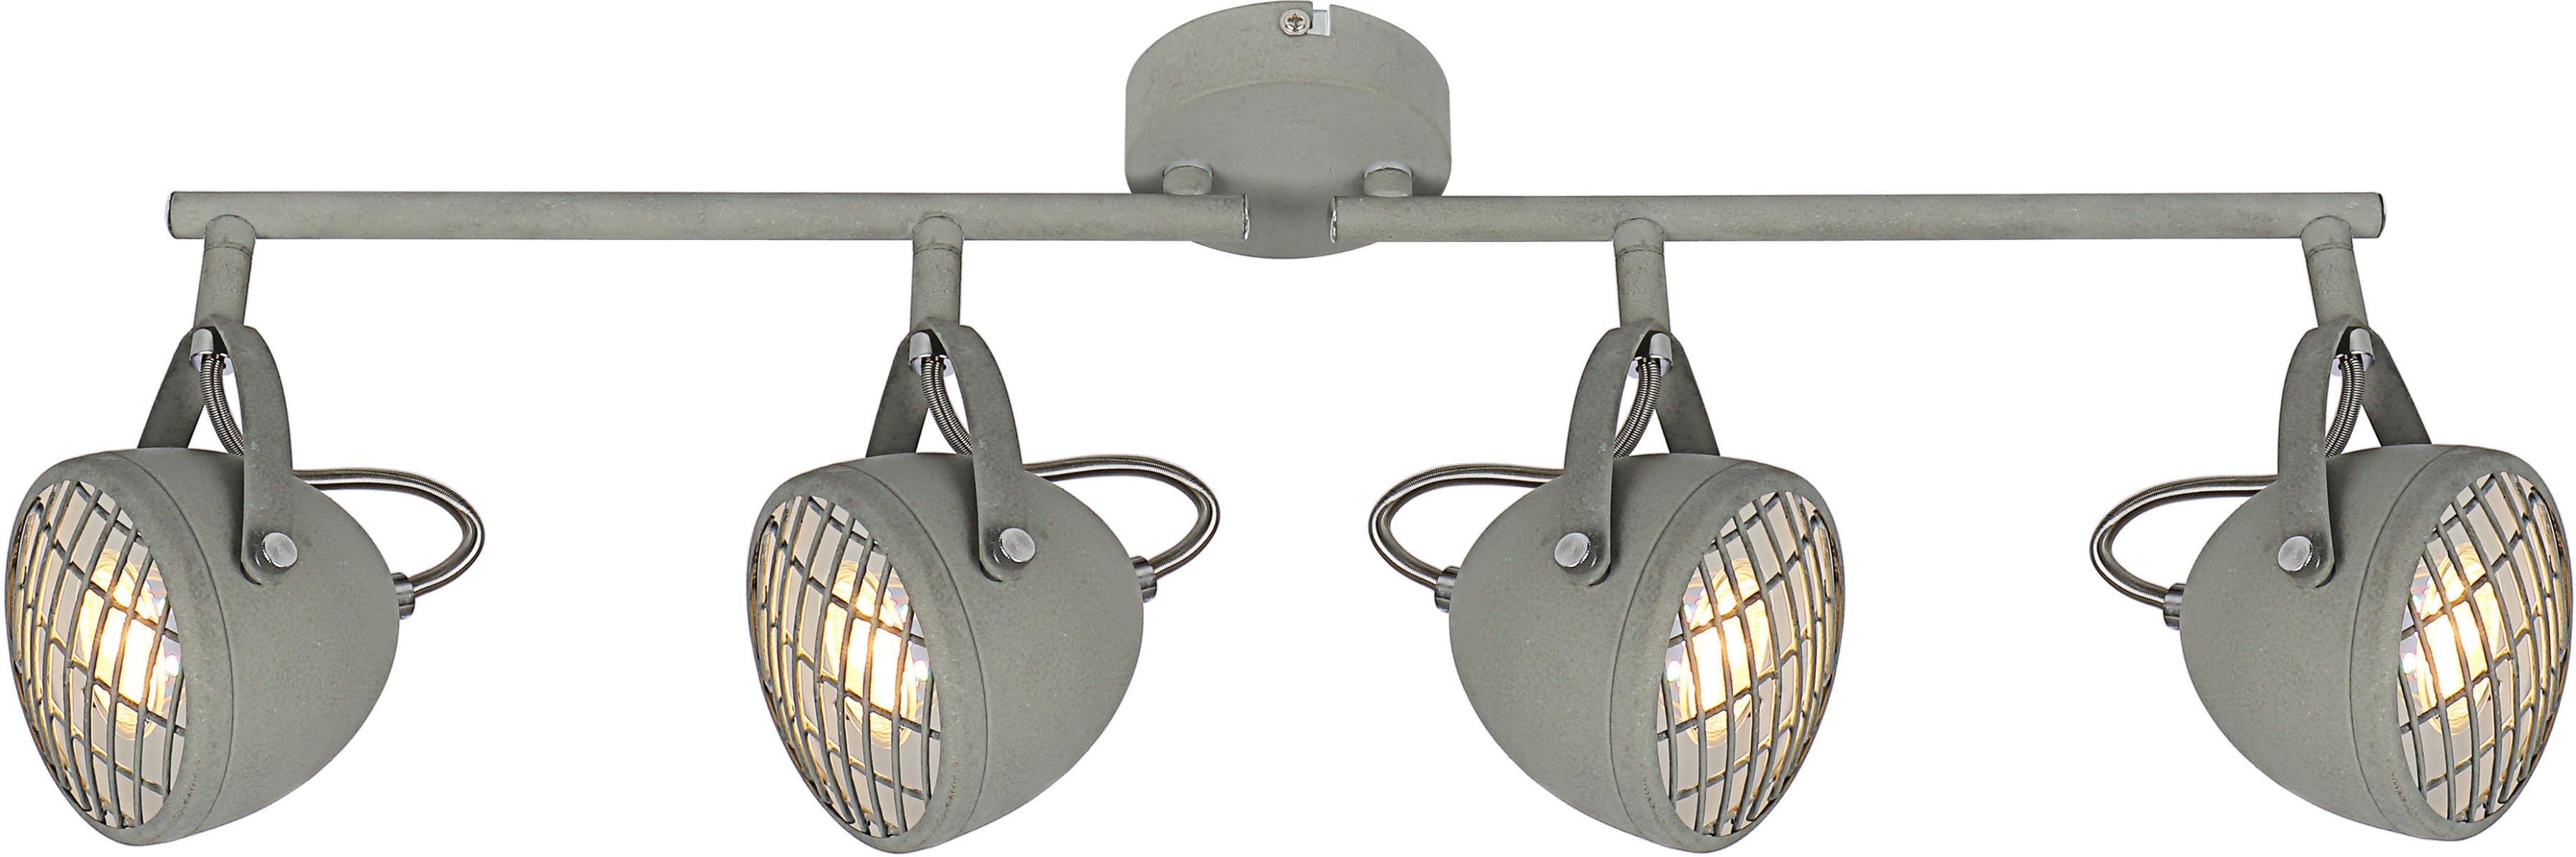 Candellux PENT 94-68071 listwa oświetleniowa regulacja klosza 4X50W GU10 betonowy szary 60cm